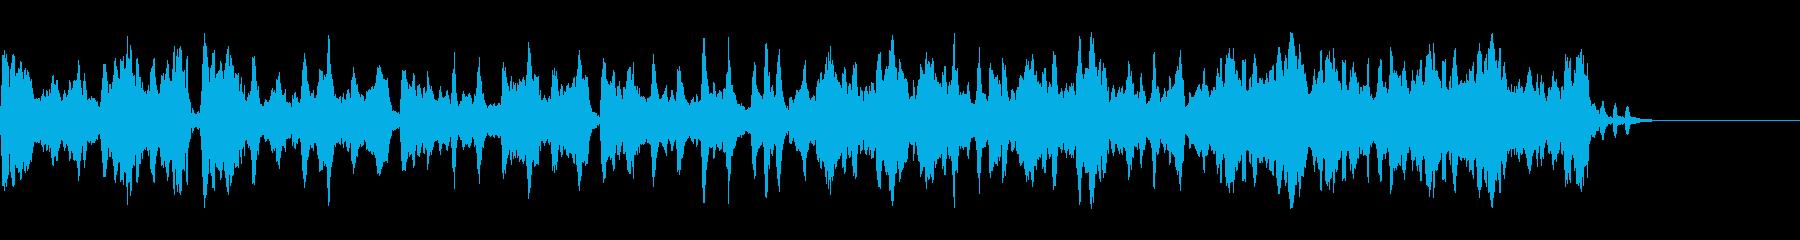 「雨」企業VP・映像用オーケストラ壮大の再生済みの波形